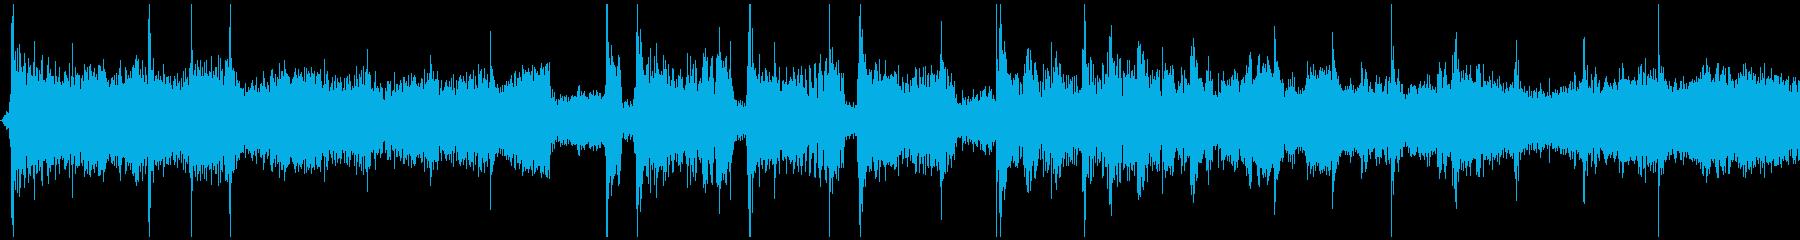 音楽の早送り、テープ早送りの再生済みの波形